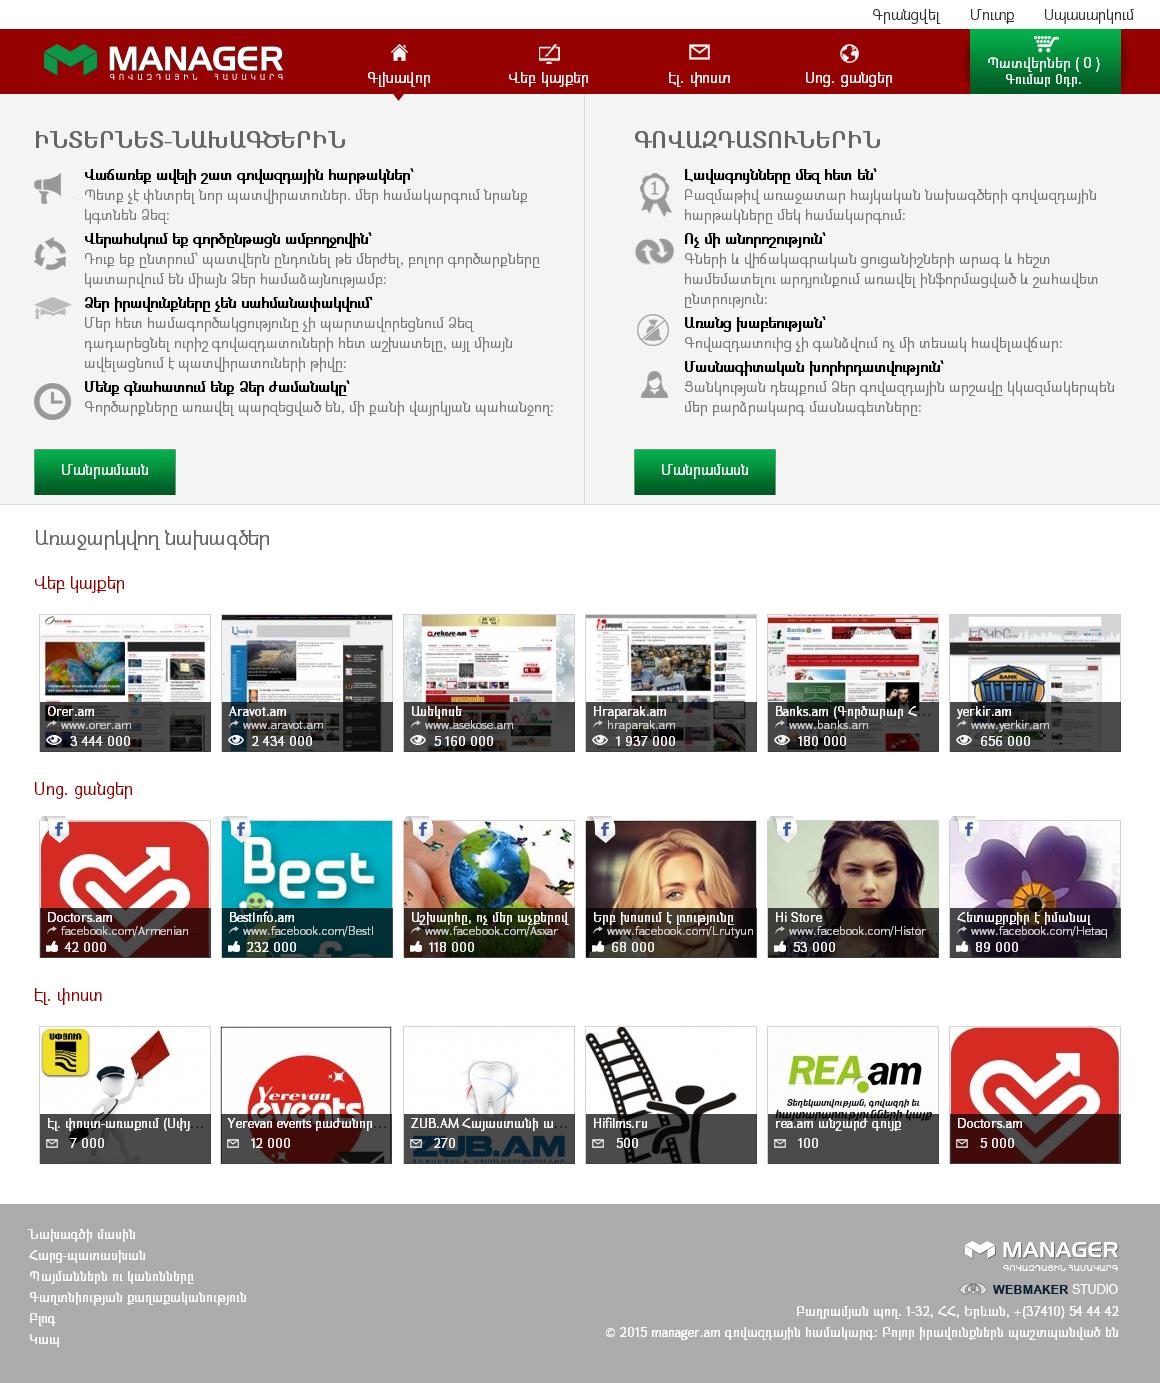 Նոր հնարավորություններ հայկական գովազդային շուկայում Manager.am համակարգի կողմից